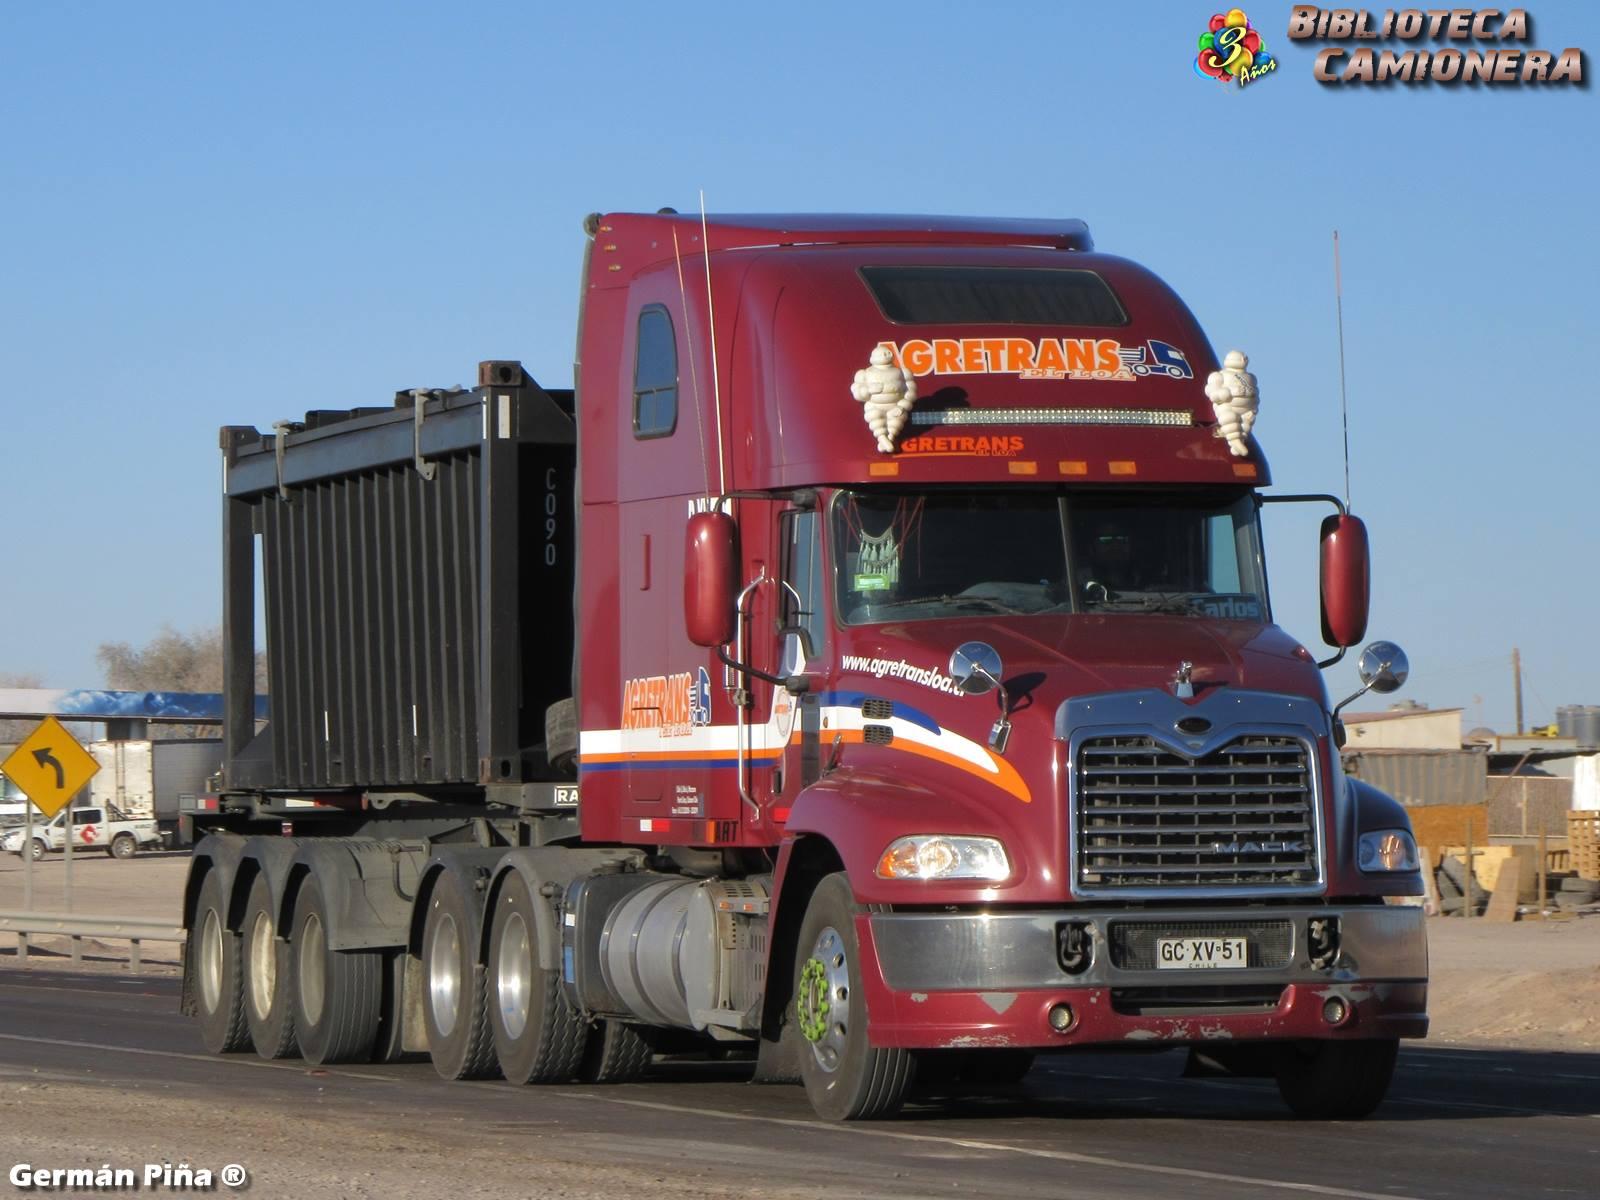 Mack-Pinnacle-CXU-613-High-Rise--AGRETRANS-El-Loa